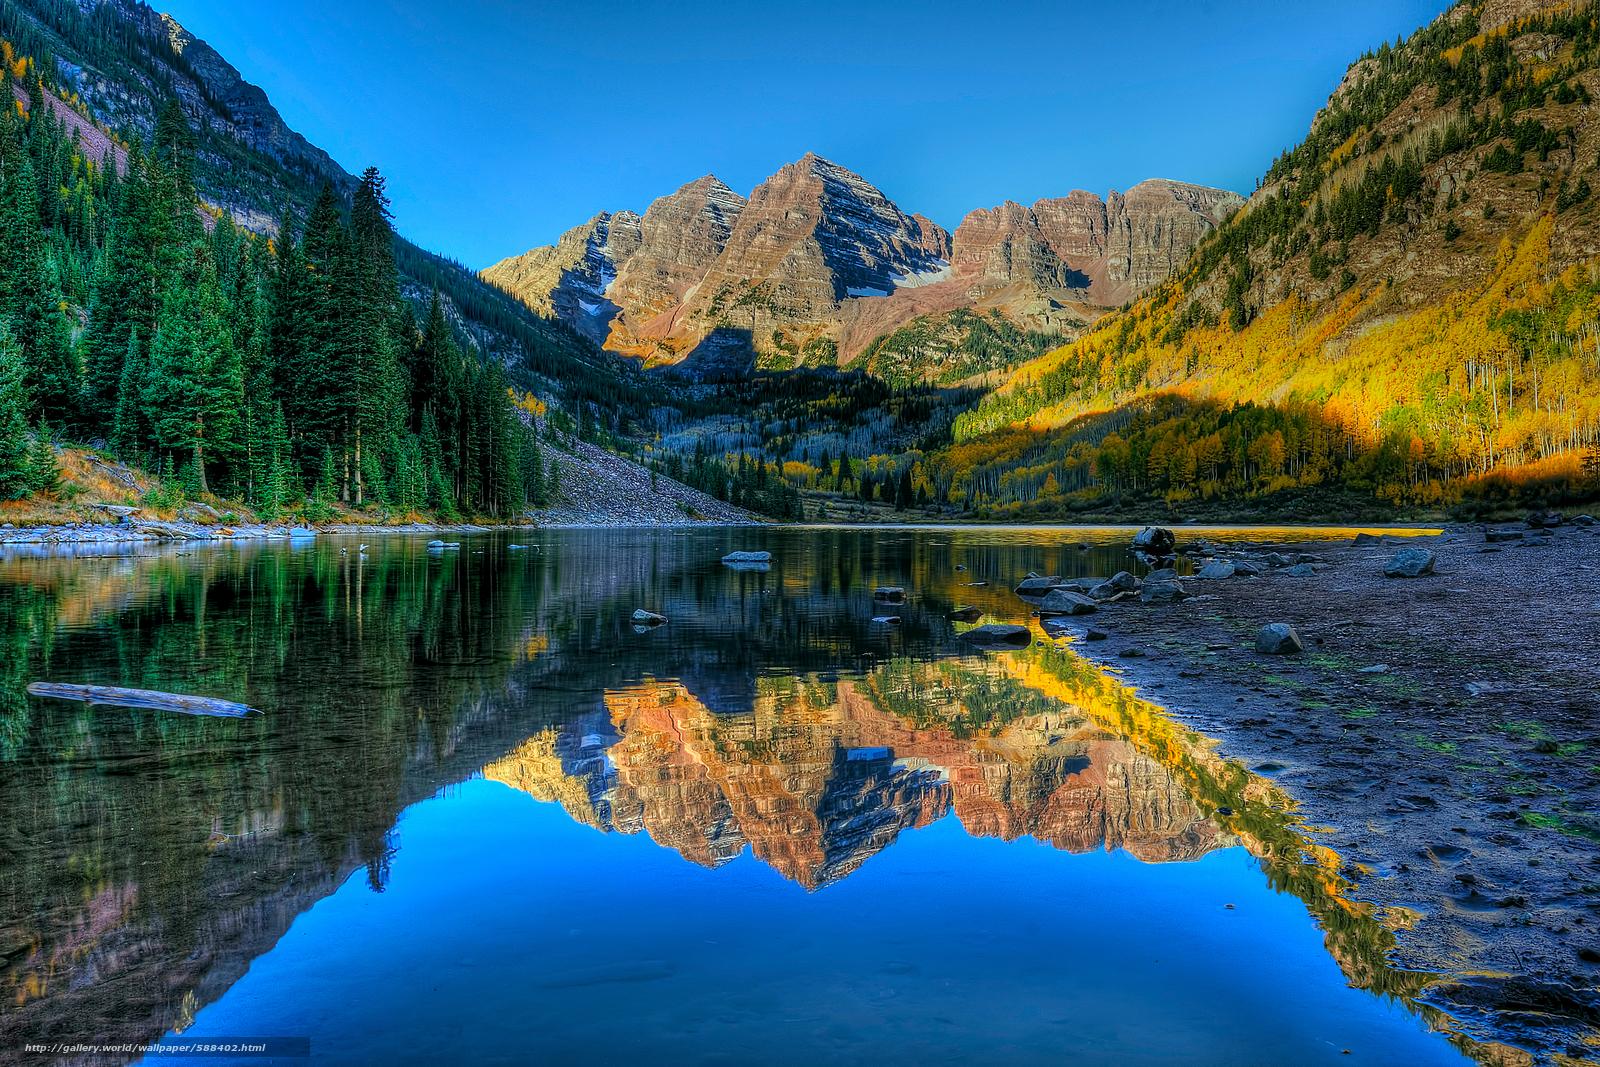 Scaricare gli sfondi lago montagne alberi autunno for Sfondi desktop autunno